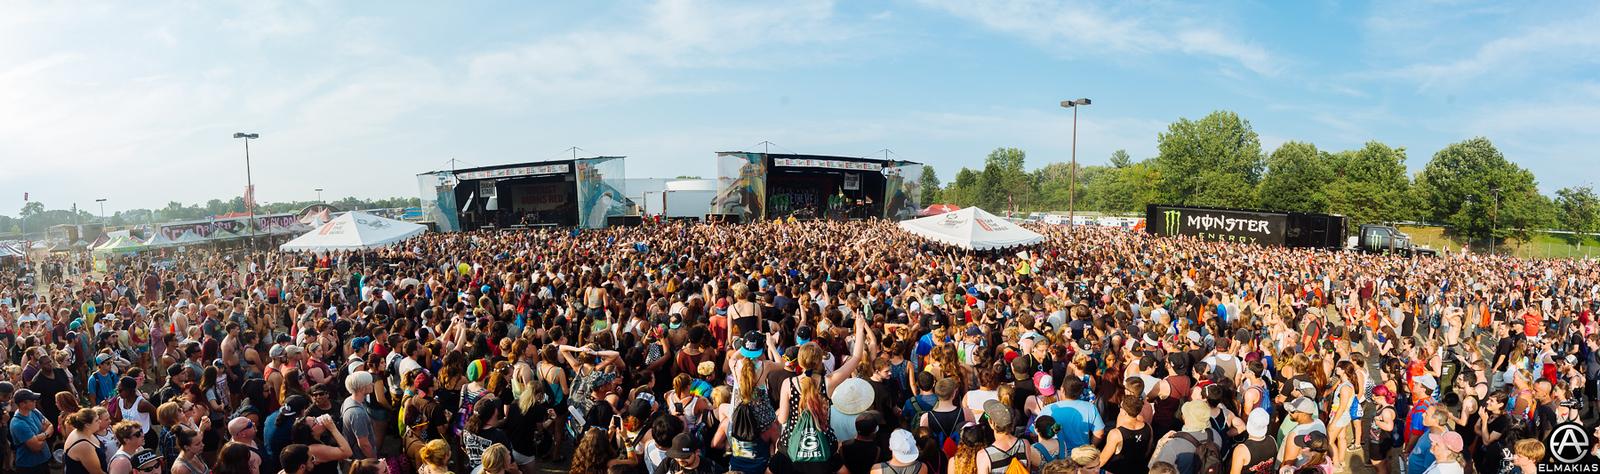 Pierce the Veil crowd at Warped Tour 2015 by Adam Elmakias